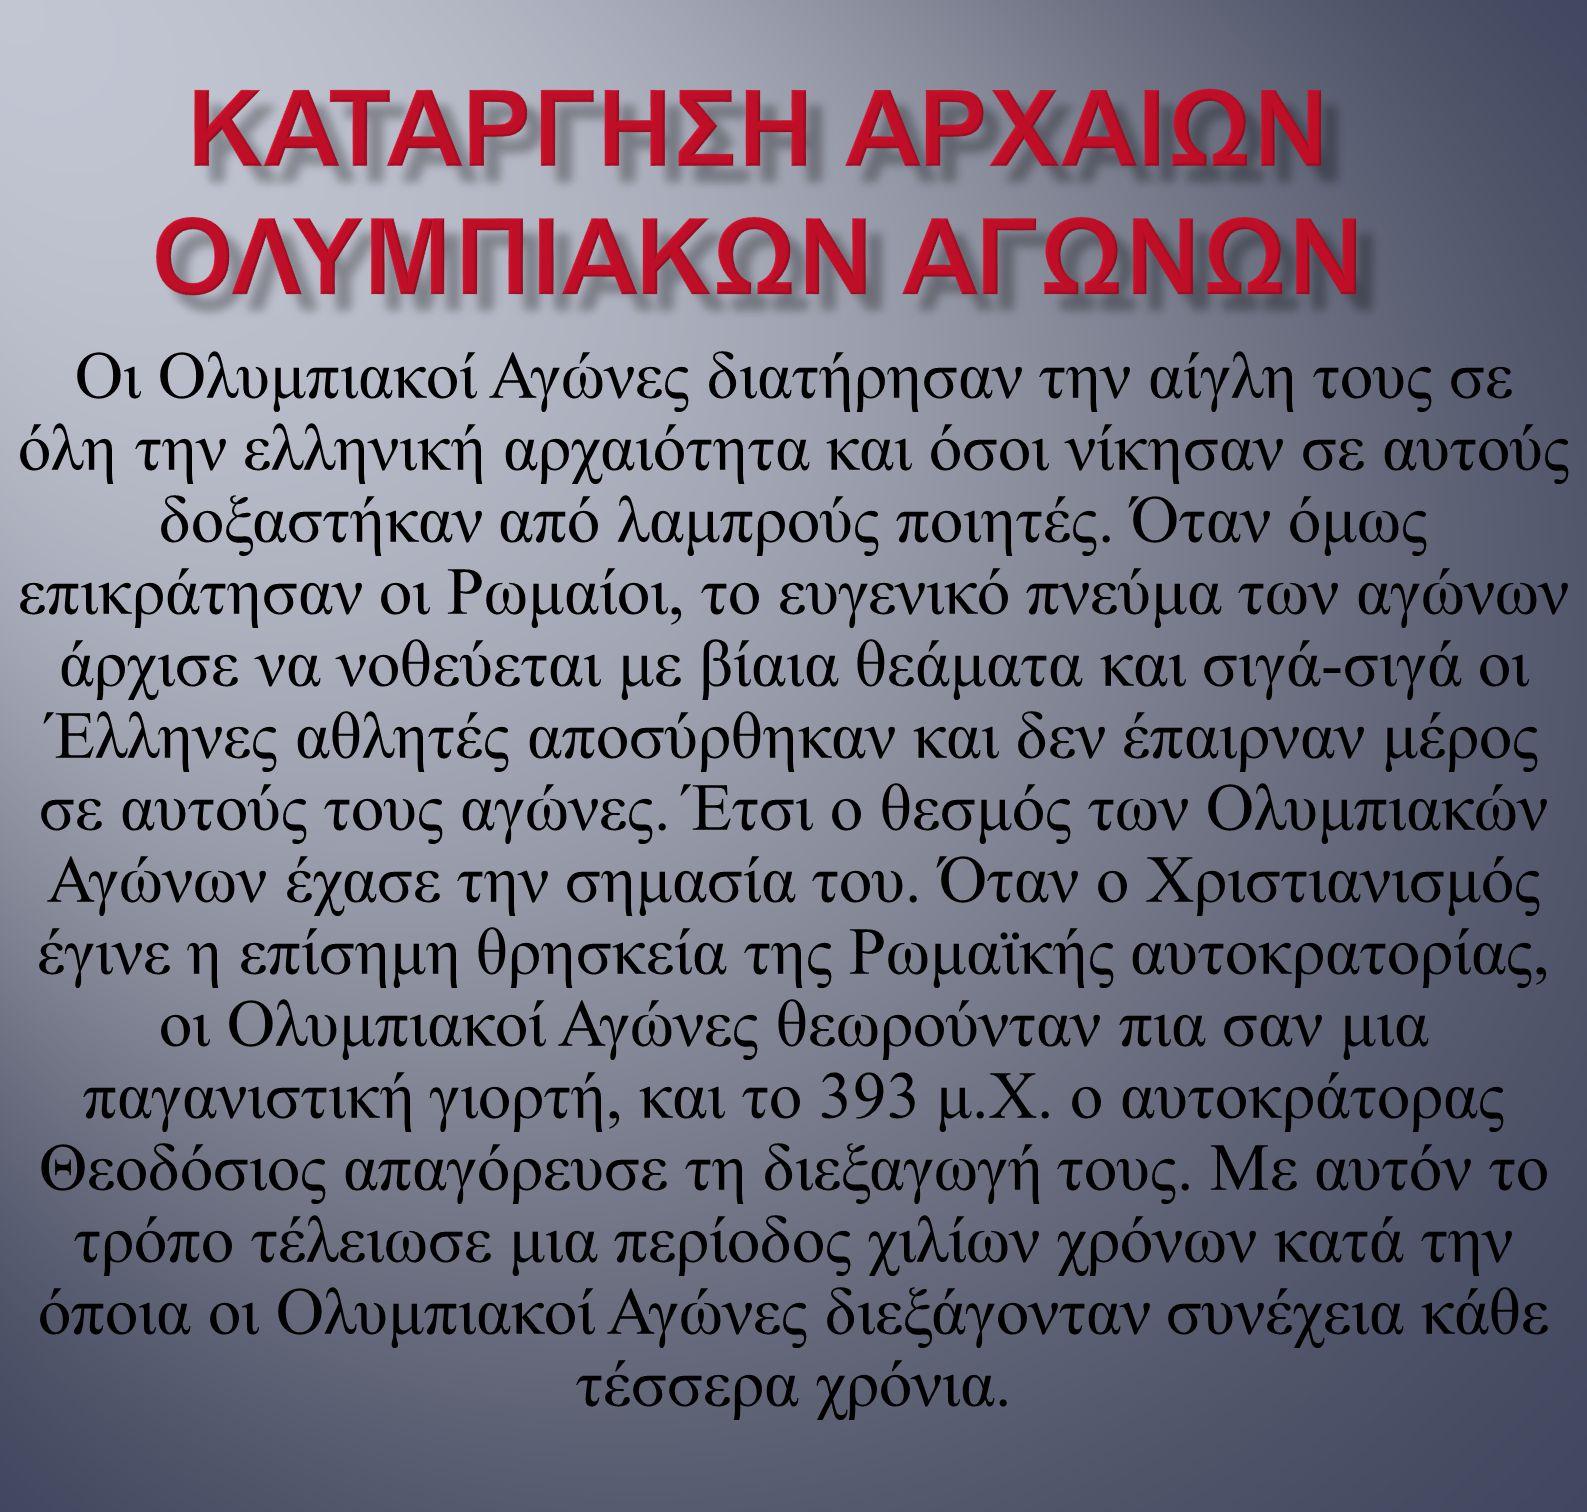 Οι Ολυμπιακοί Αγώνες διατήρησαν την αίγλη τους σε όλη την ελληνική αρχαιότητα και όσοι νίκησαν σε αυτούς δοξαστήκαν από λαμπρούς ποιητές. Όταν όμως επ